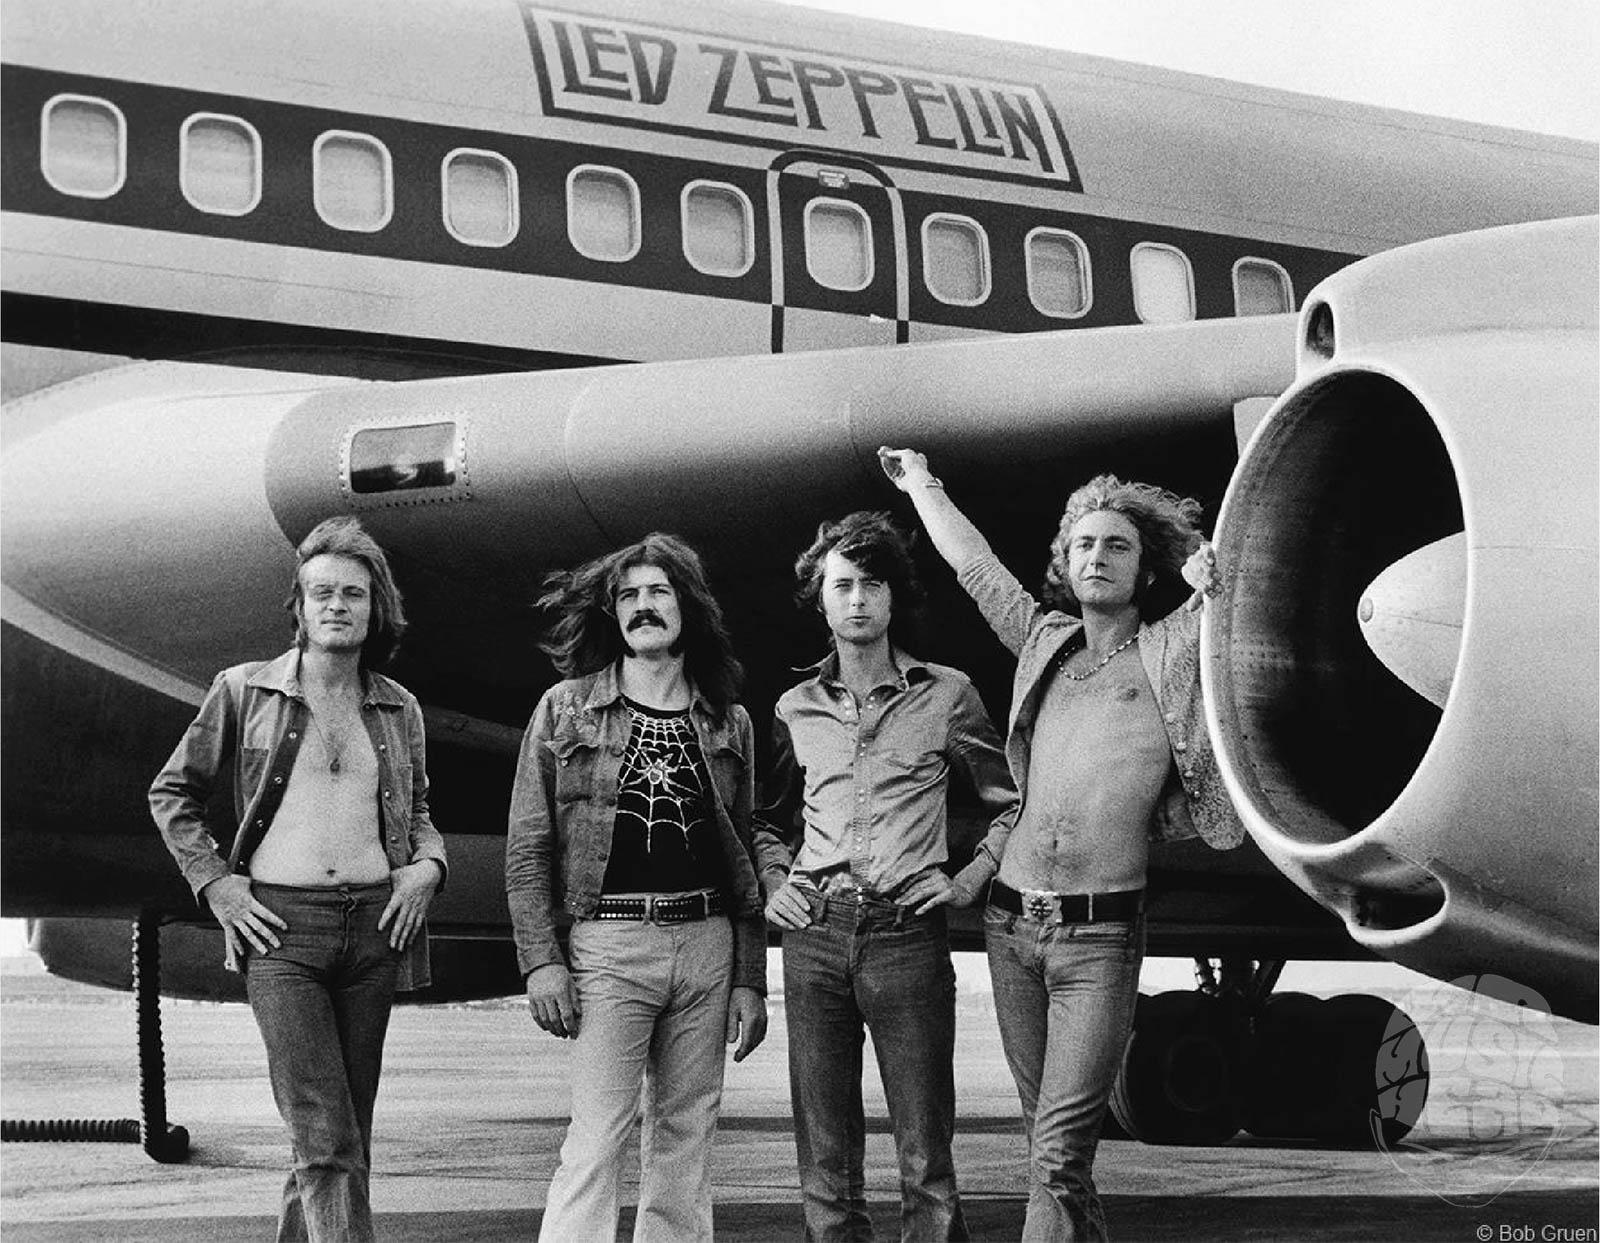 bob gruen_led zeppelin airplane.jpg